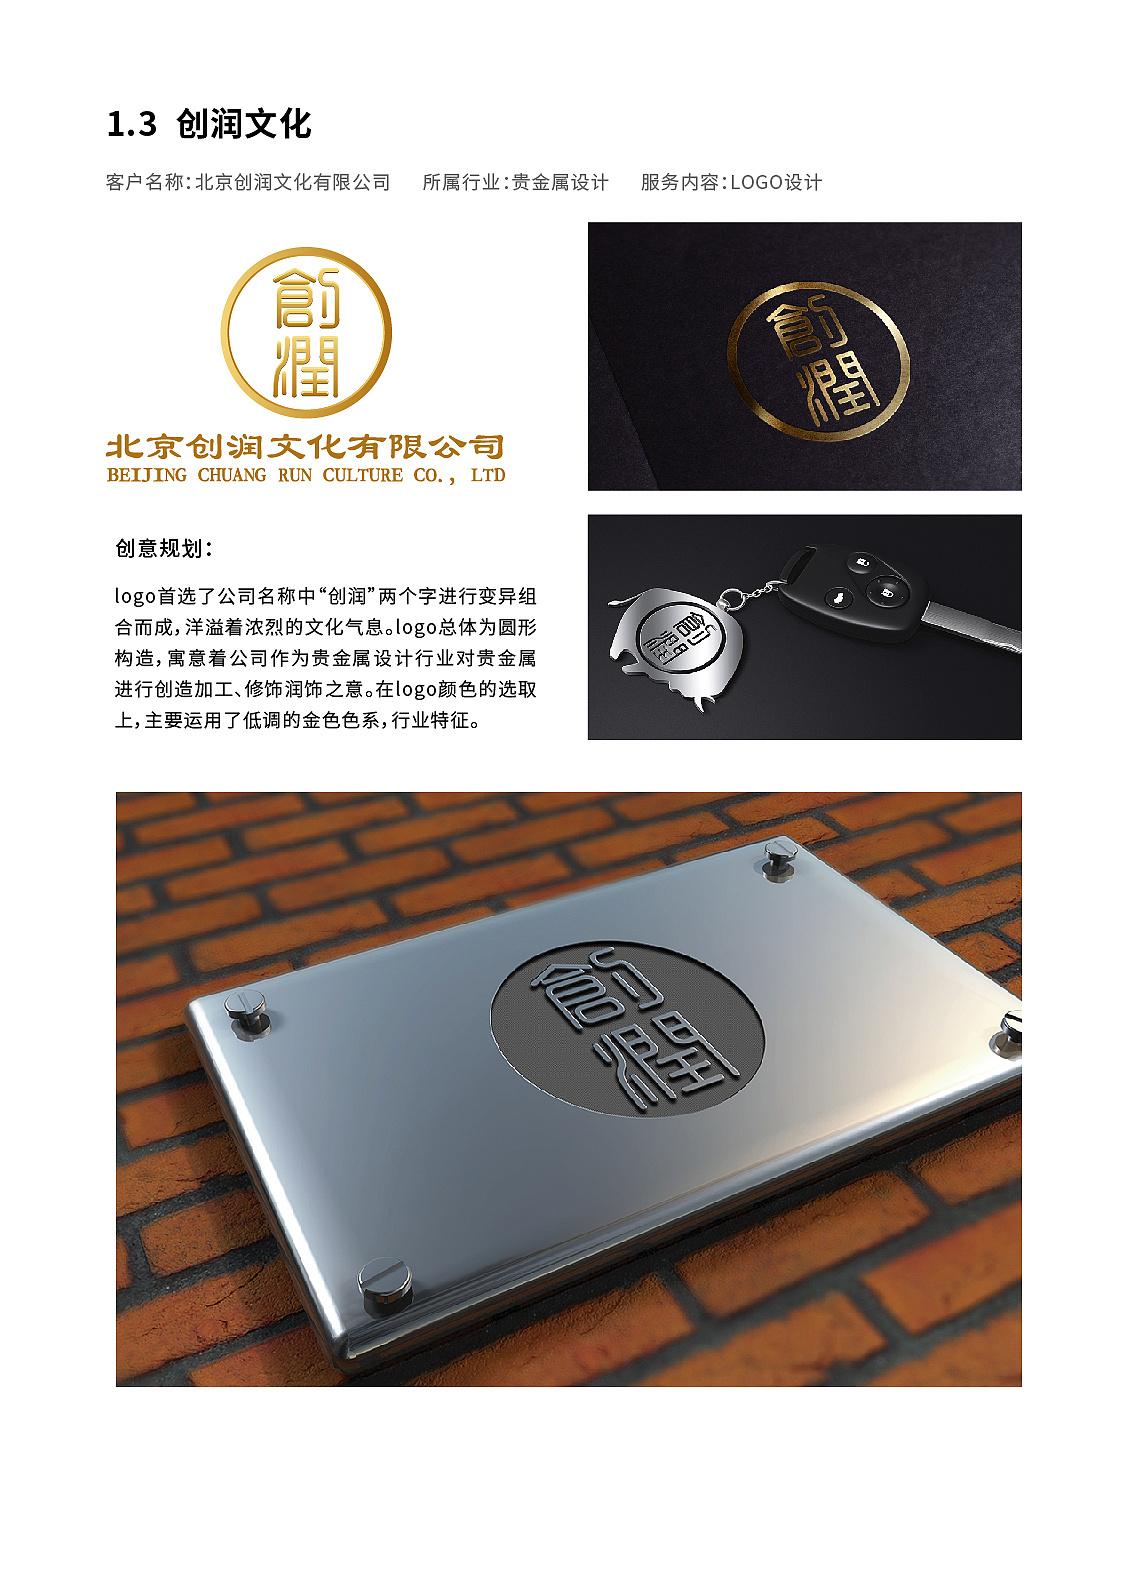 贵金属logo设计_创润文化LOGO设计贵金属珠宝LOGO设计 平面 标志 紫色风铃250168 ...